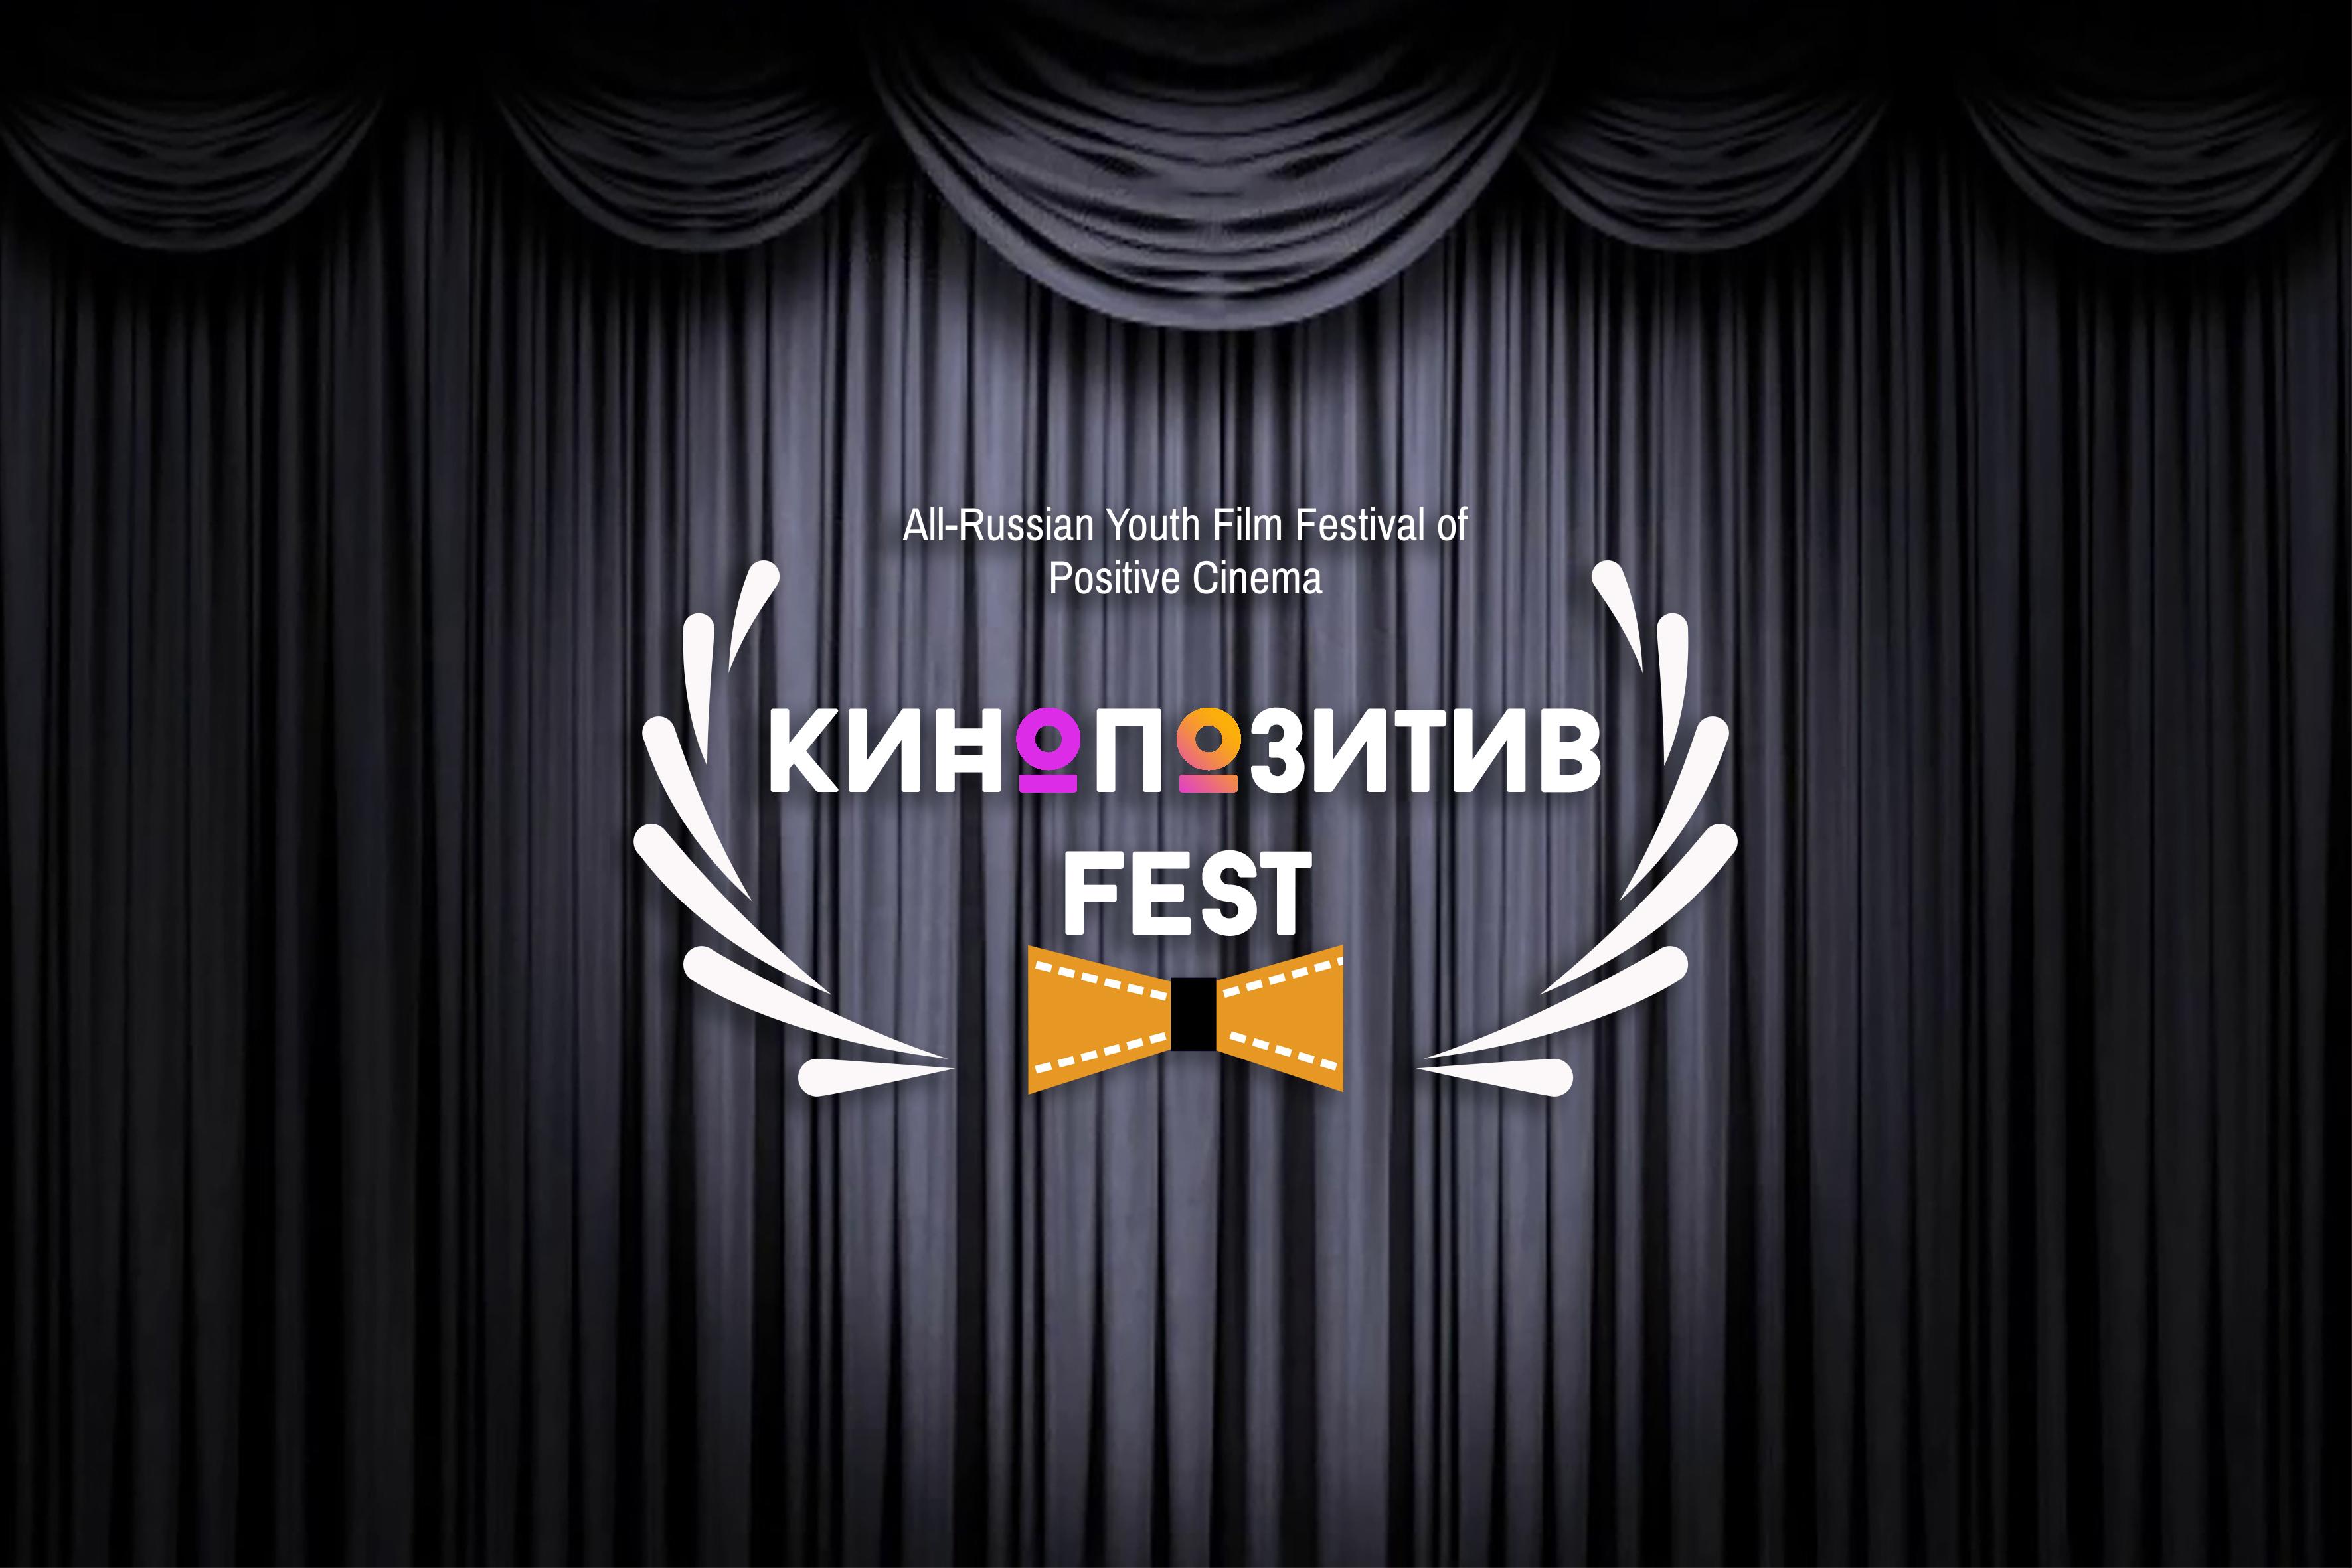 III Всероссийский Молодежный Кинофестиваль Позитивного Кино